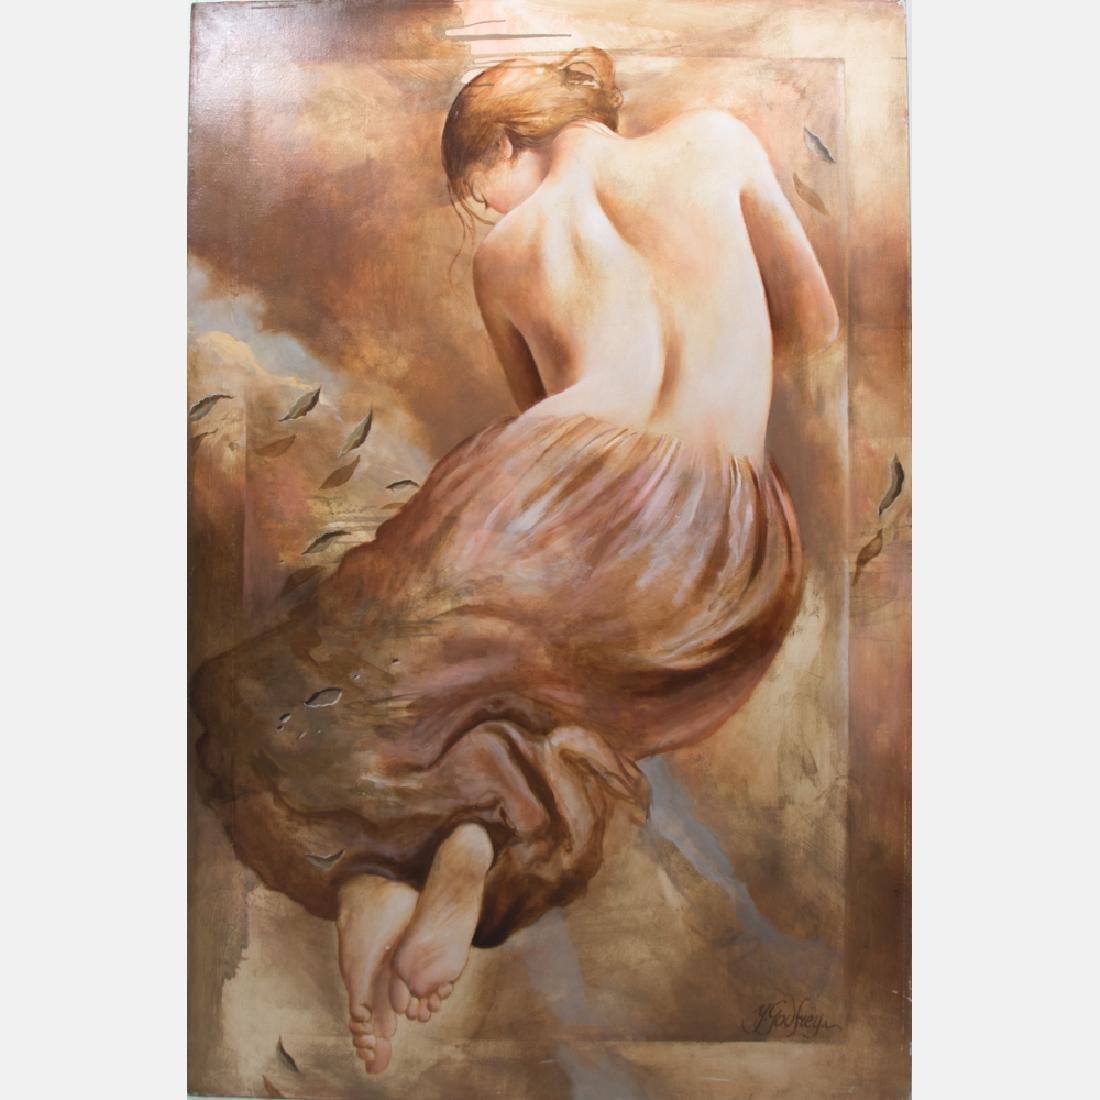 Yarek Godfrey (b. 1957) Female Nude, Oil on canvas.